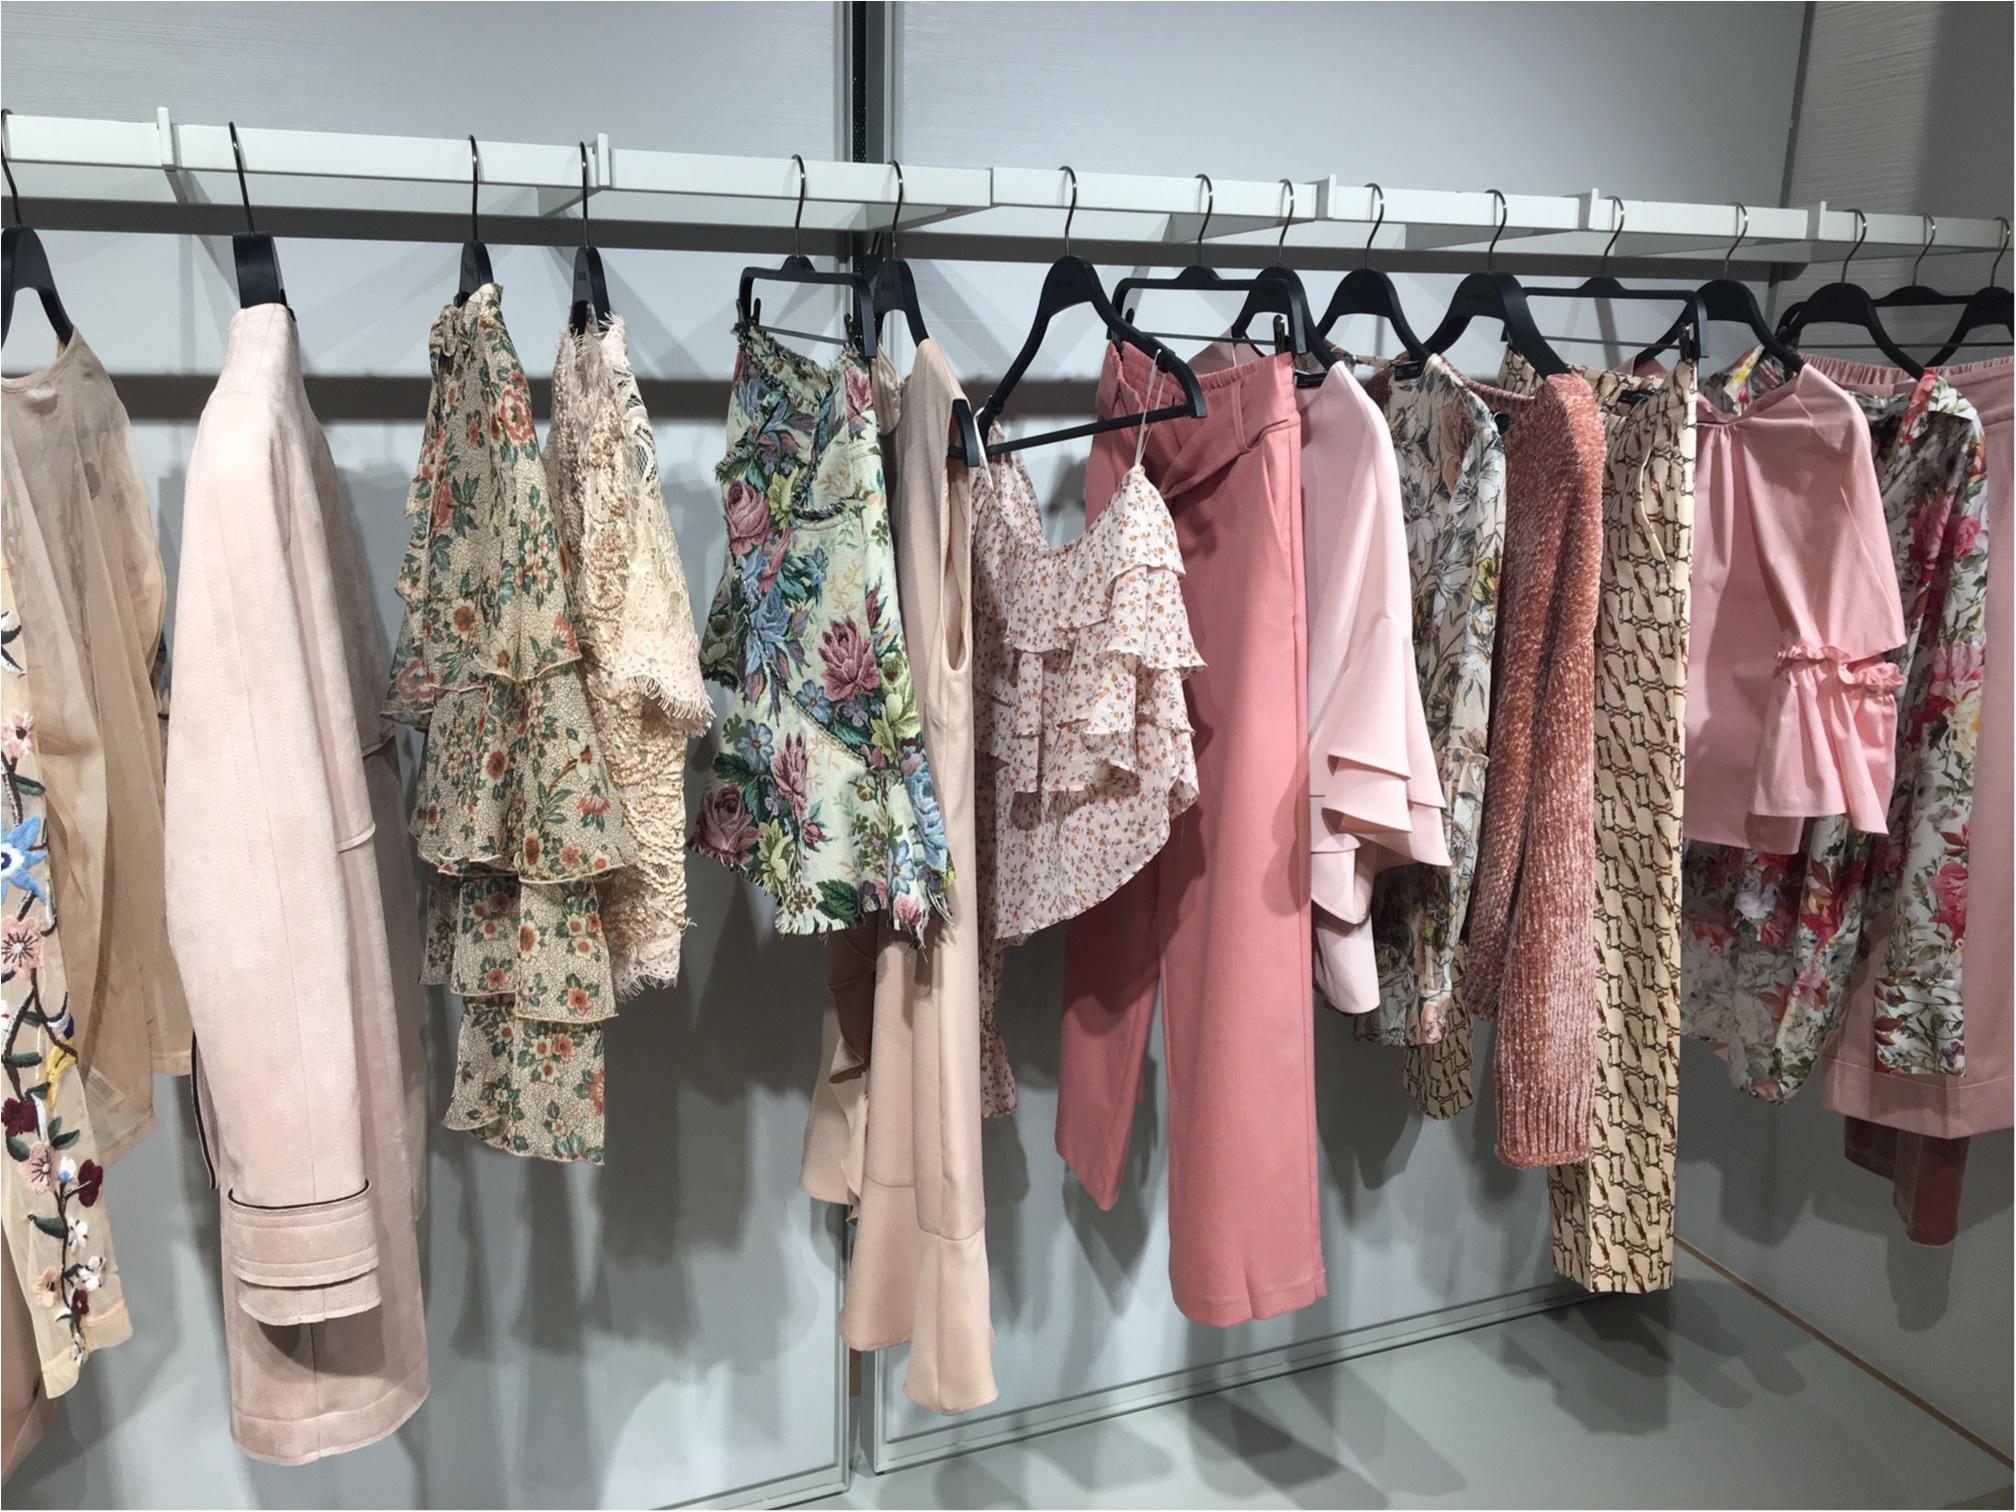 『ZARA』展示会に行ってきました! 春は【刺繍】がキーワード☆_4